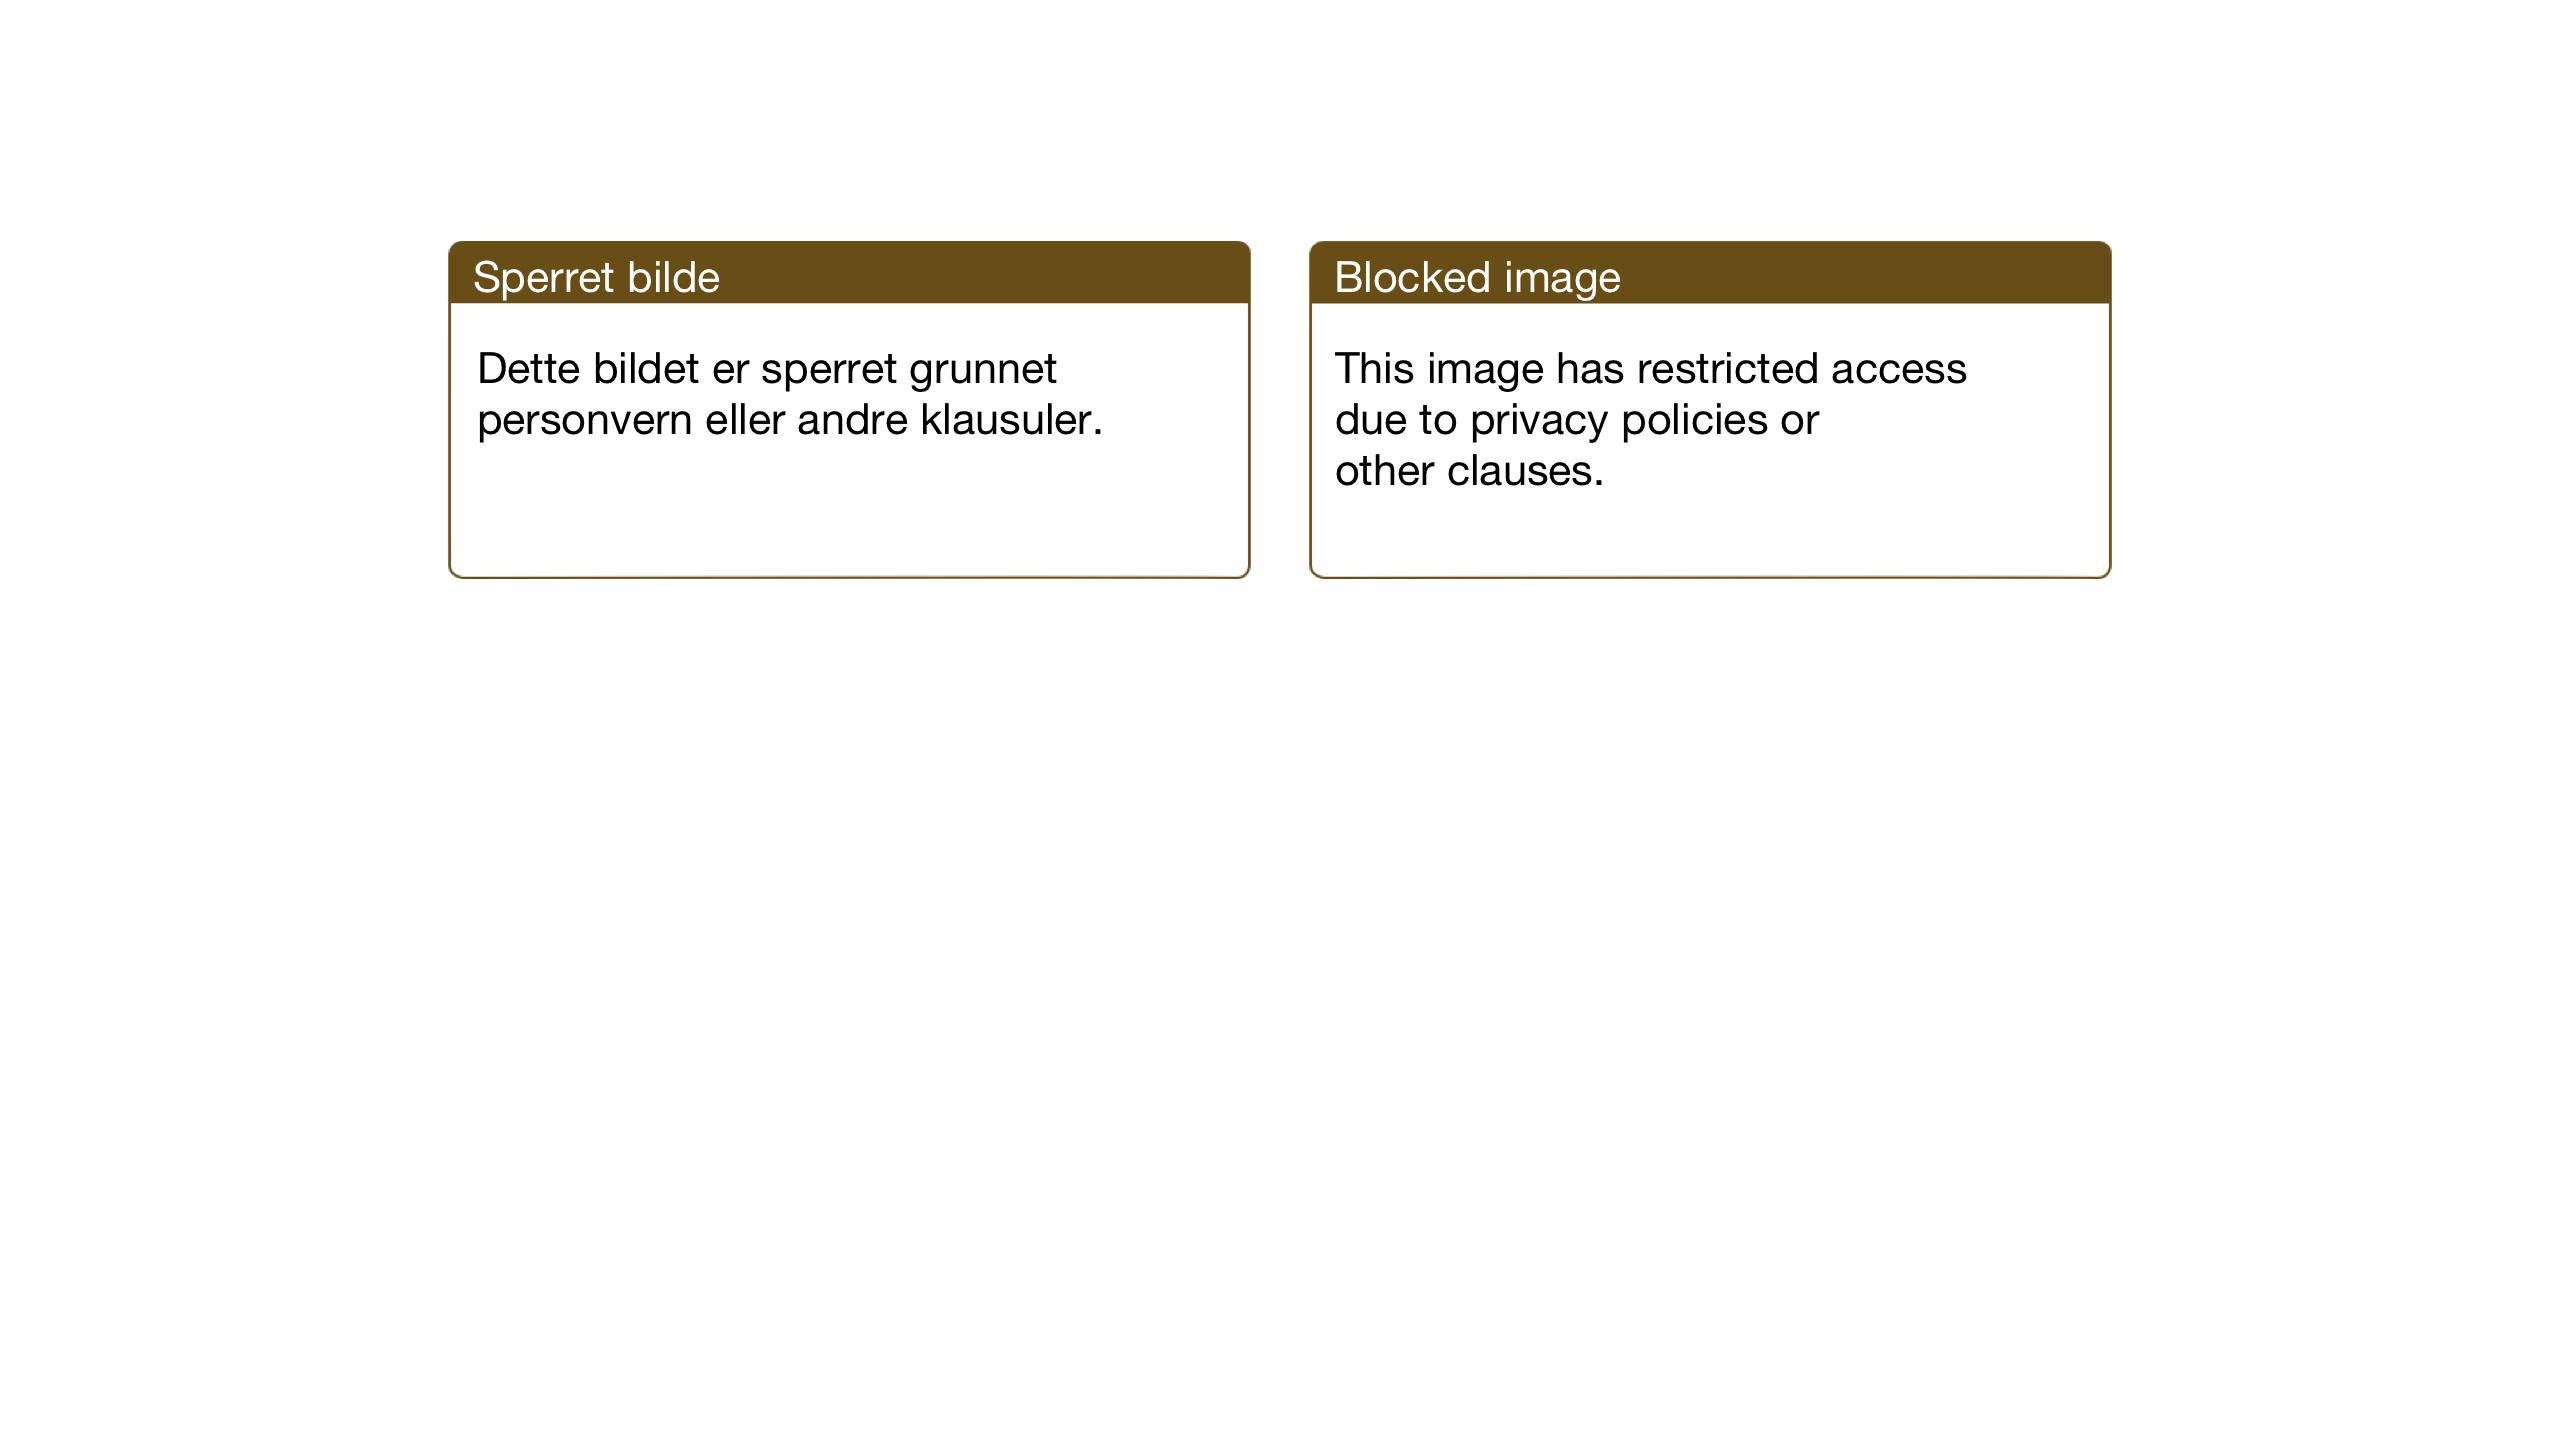 SAT, Ministerialprotokoller, klokkerbøker og fødselsregistre - Nord-Trøndelag, 746/L0456: Klokkerbok nr. 746C02, 1936-1948, s. 38